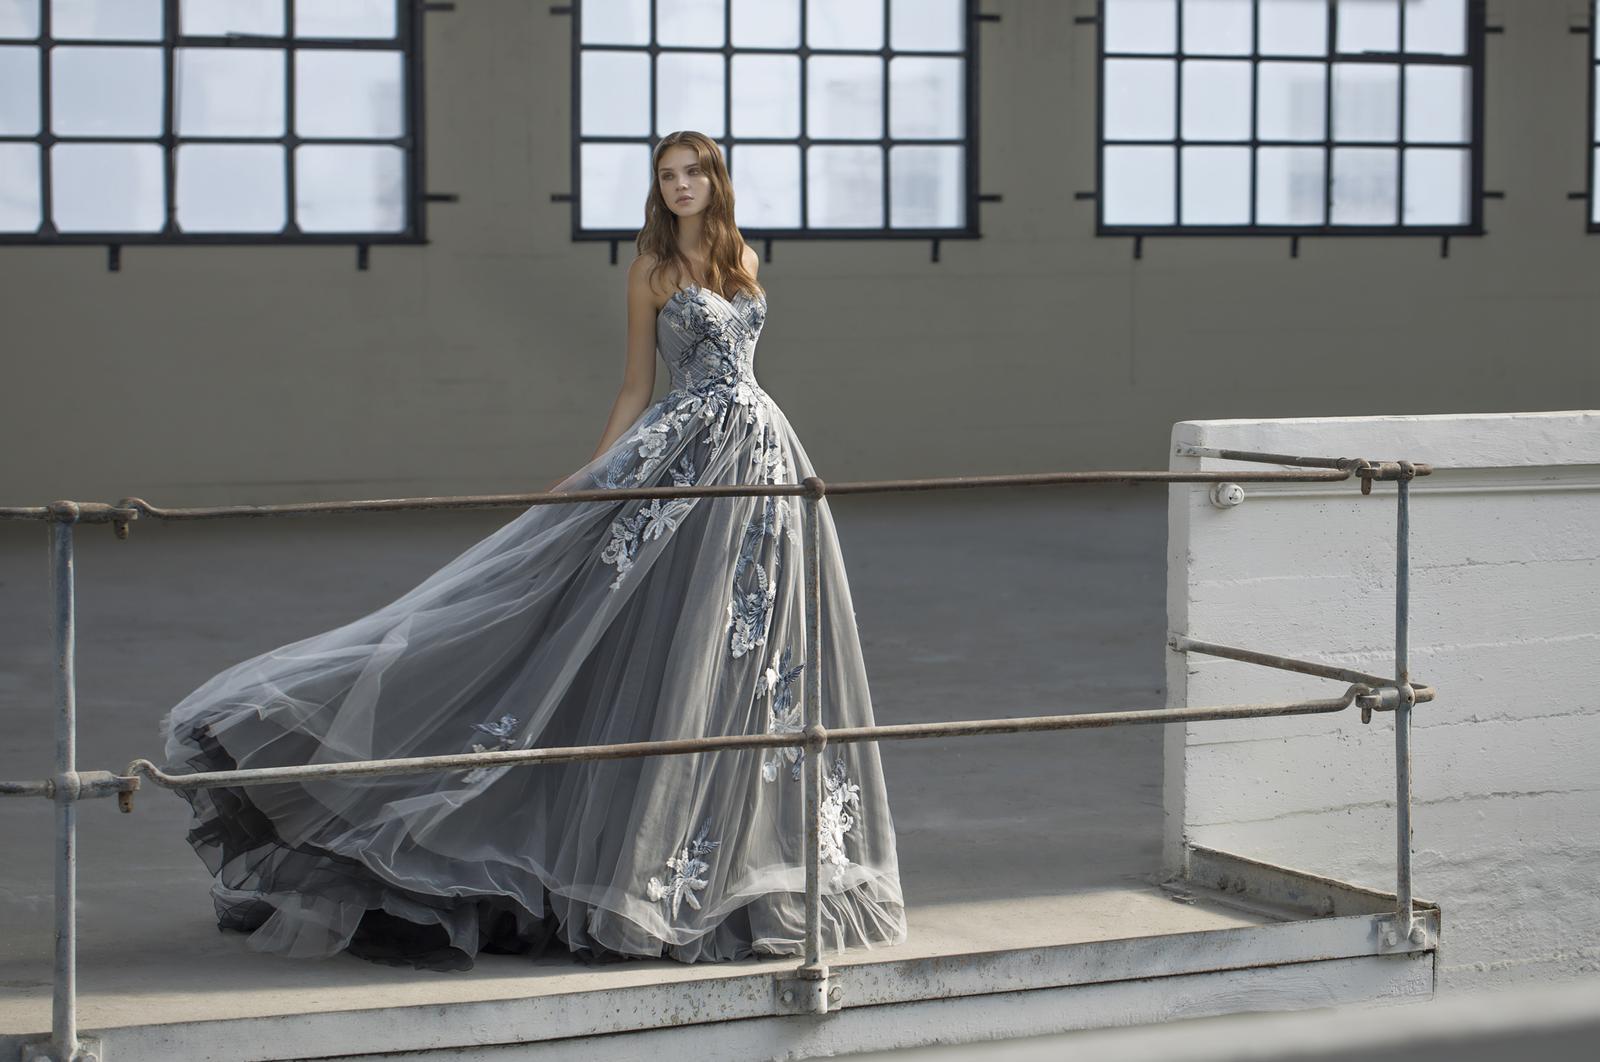 Romantická, elegantní, rebelka anebo bohémka? Jaký typ nevěsty jste vy? - Obrázek č. 2